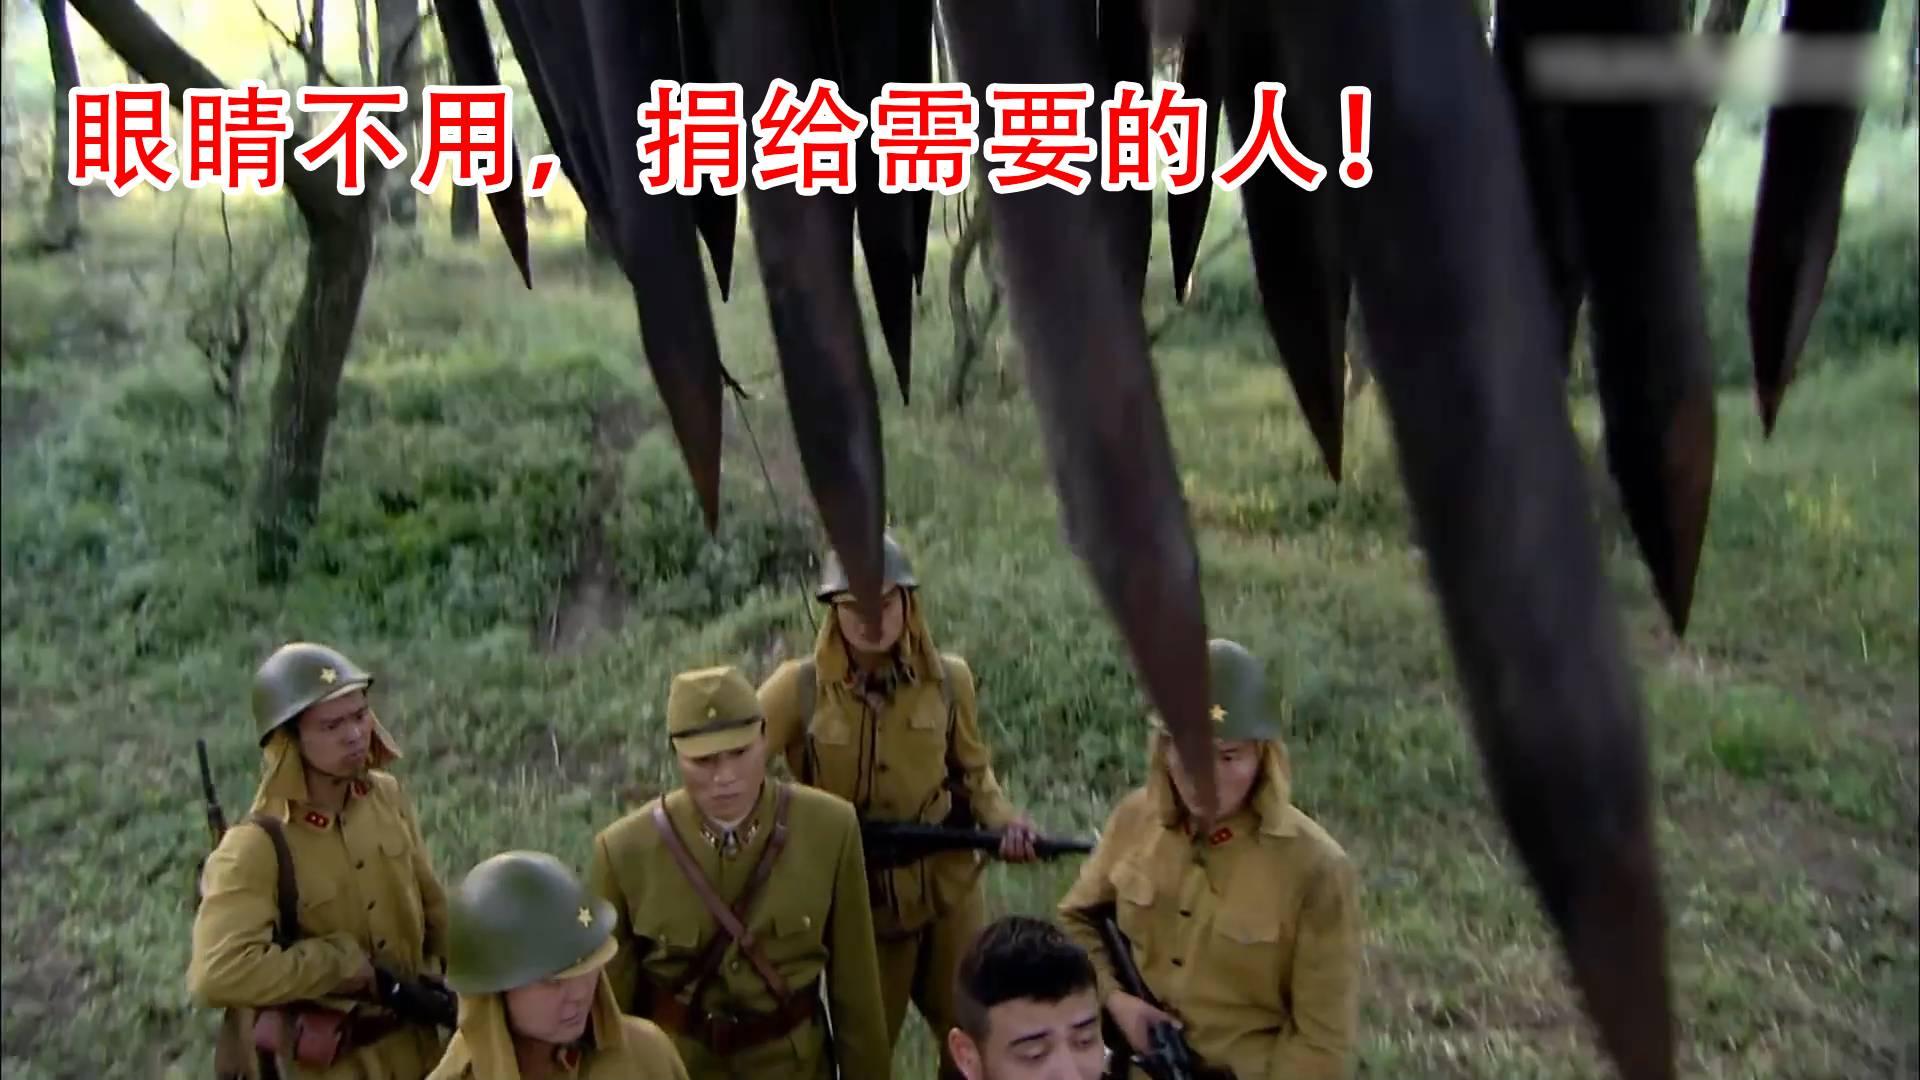 侮辱观众智商的神剧片段(72)亮瞎眼警告!